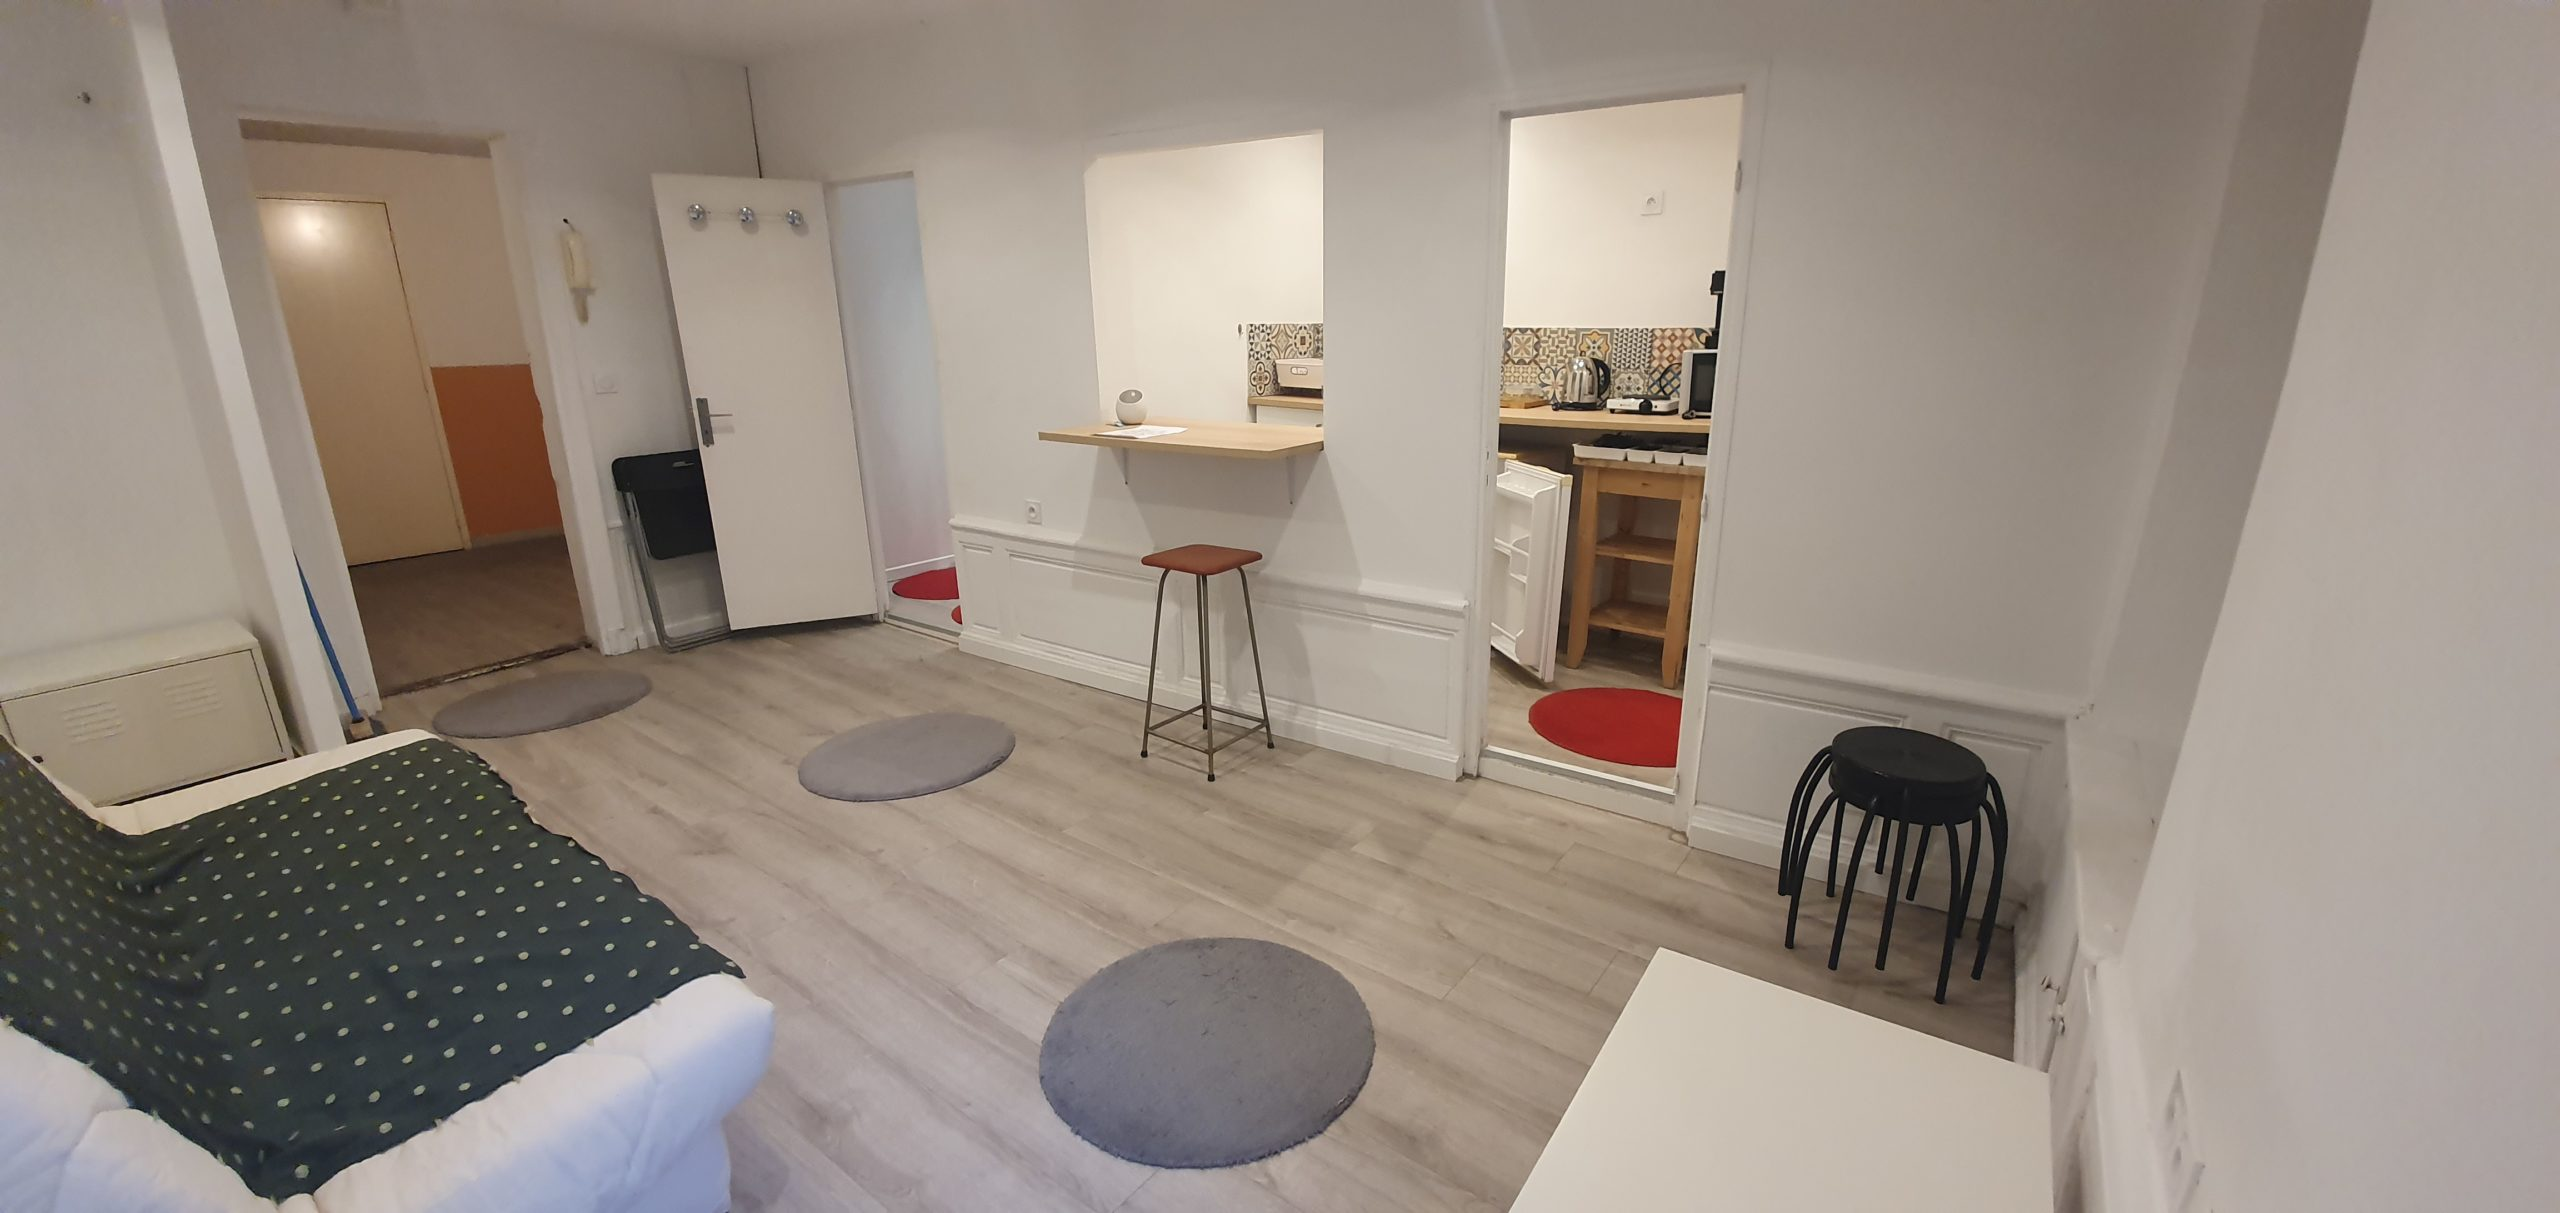 Marseille rue Adolphe Thiers 1 er studio rénové à neuf avec la jouissance en partage e la cour intérieure